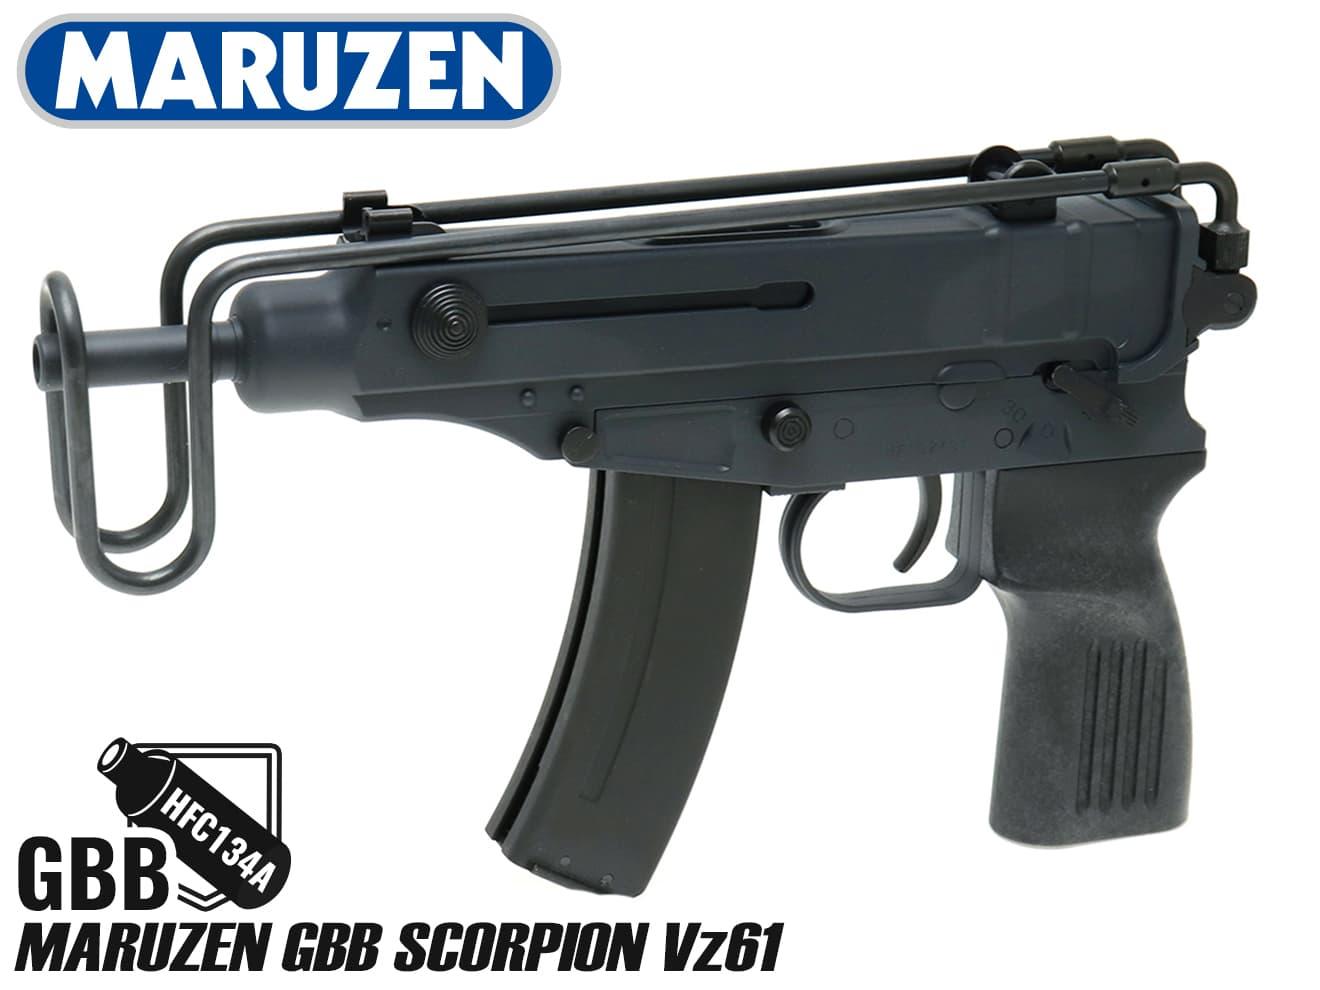 【送料無料】MARUZEN Vz61 スコーピオン ブローバック◆ガスガン/ガスブローバック/GBB/小型マシンガン/サブマシンガン/SMG/リコイルショック